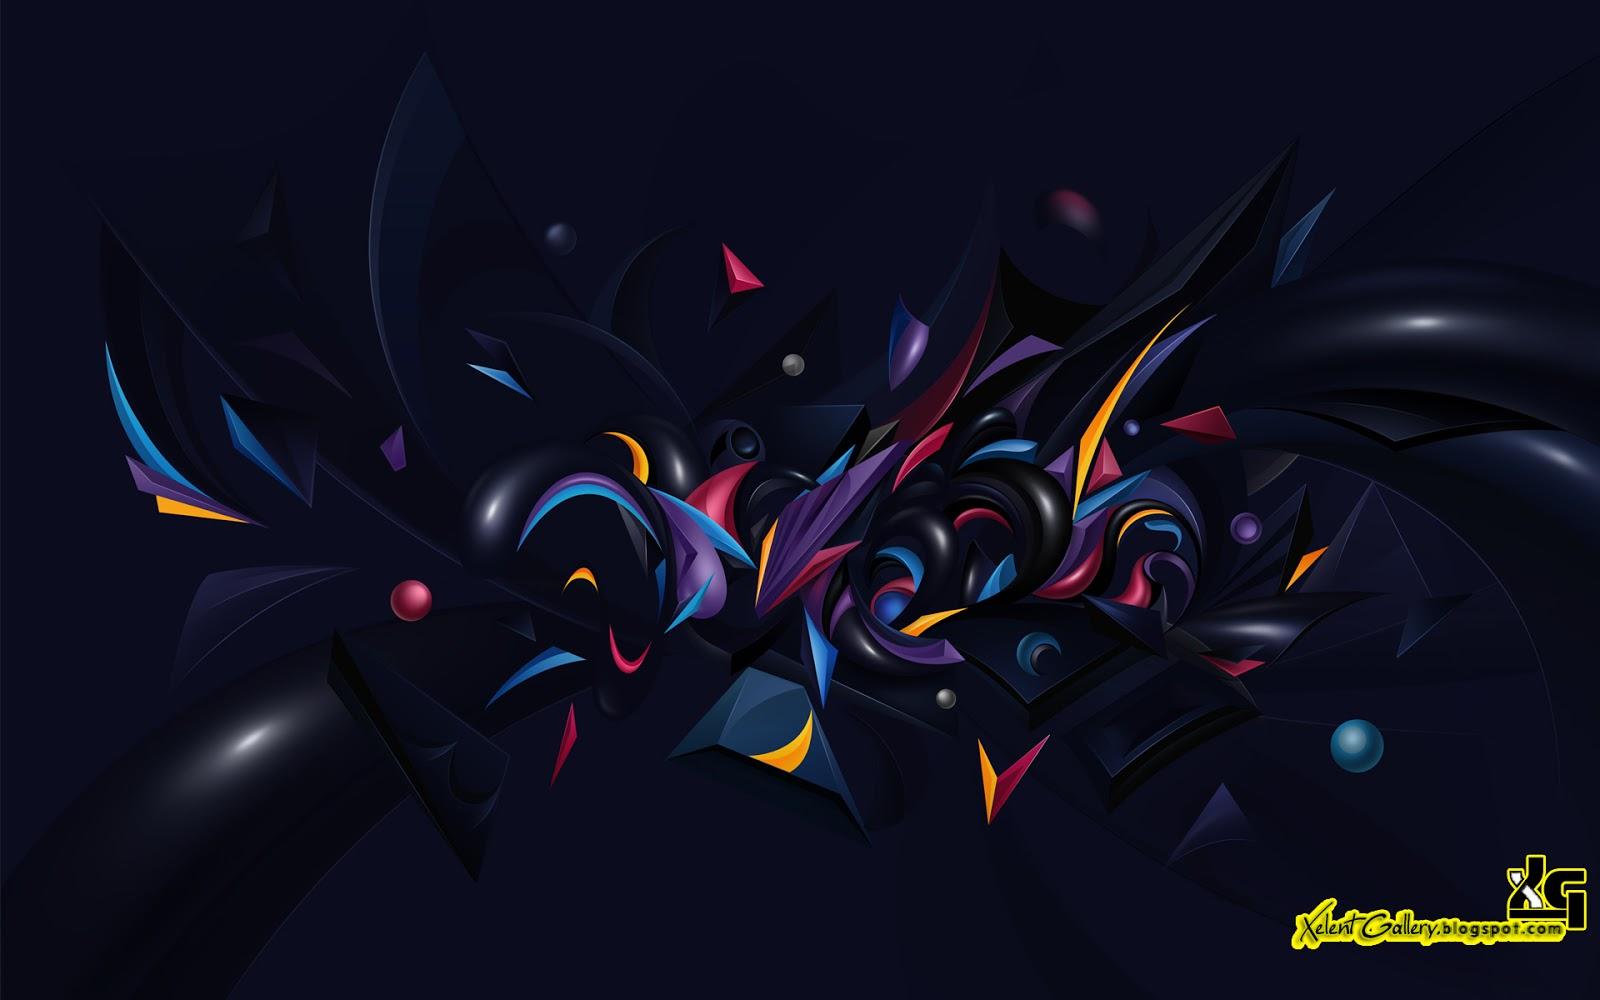 http://4.bp.blogspot.com/-VChKc_WWjwk/UQOntabiQVI/AAAAAAAACwQ/mIbB1y_LoRI/s1600/Top+15+3D+Full+HD+Wallpaper.JPG